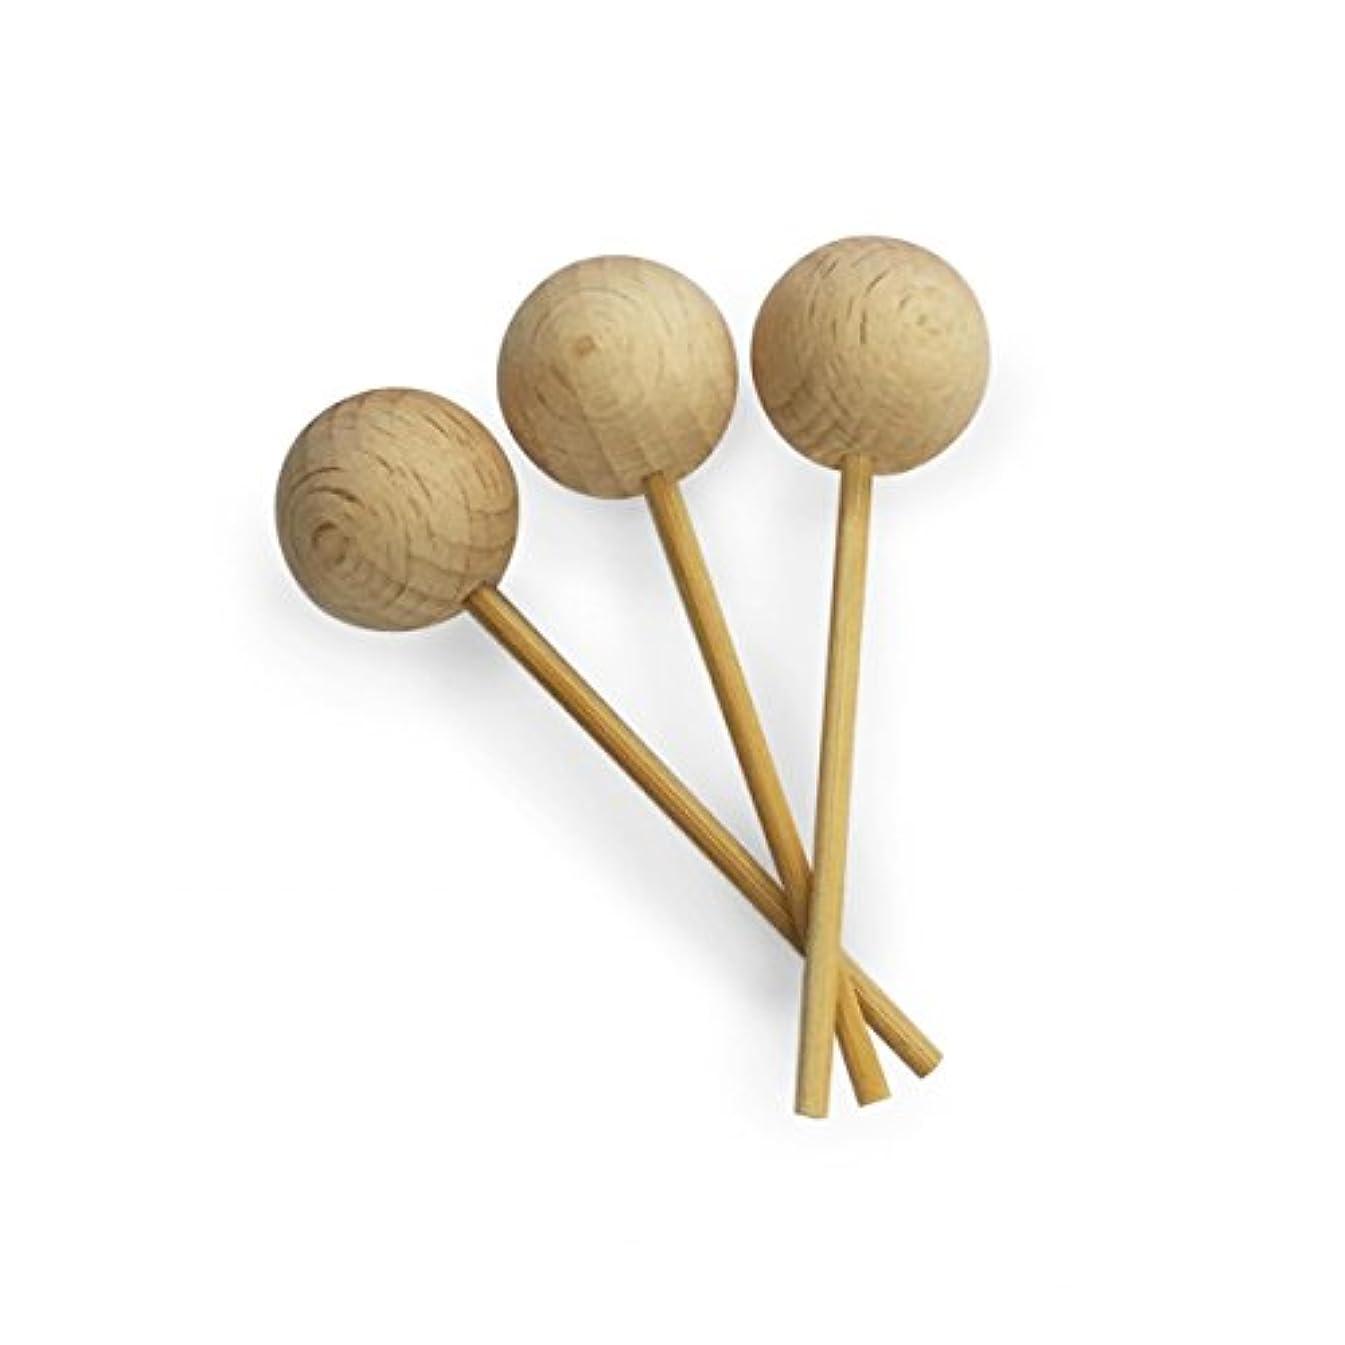 考えるリファイン夫カリス成城 アロマ芳香器 木のお家 交換用木製スティック3本入